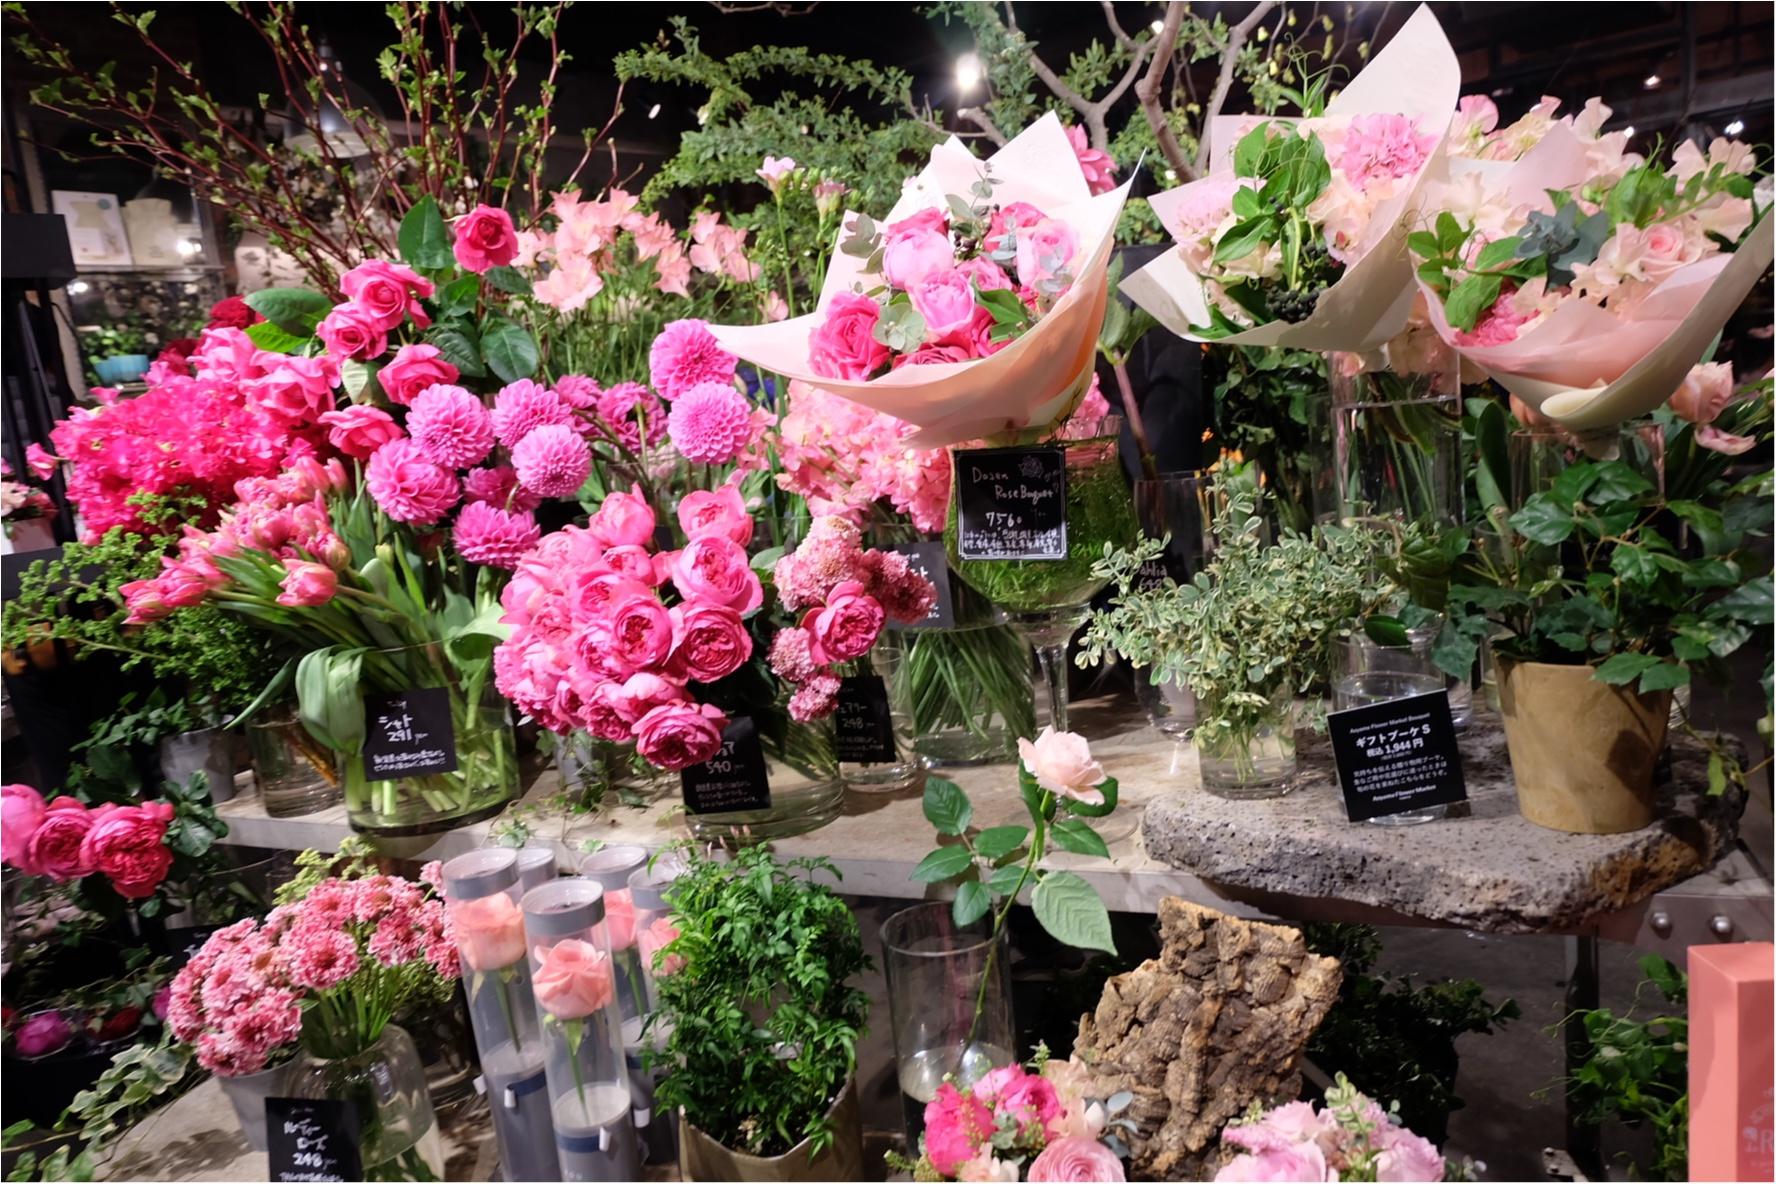 【ご当地MORE♡東京】AOYAMA FLOWER MARKET TEA HOUSEでお花に囲まれて女子会ができちゃう贅沢スポット♡_6